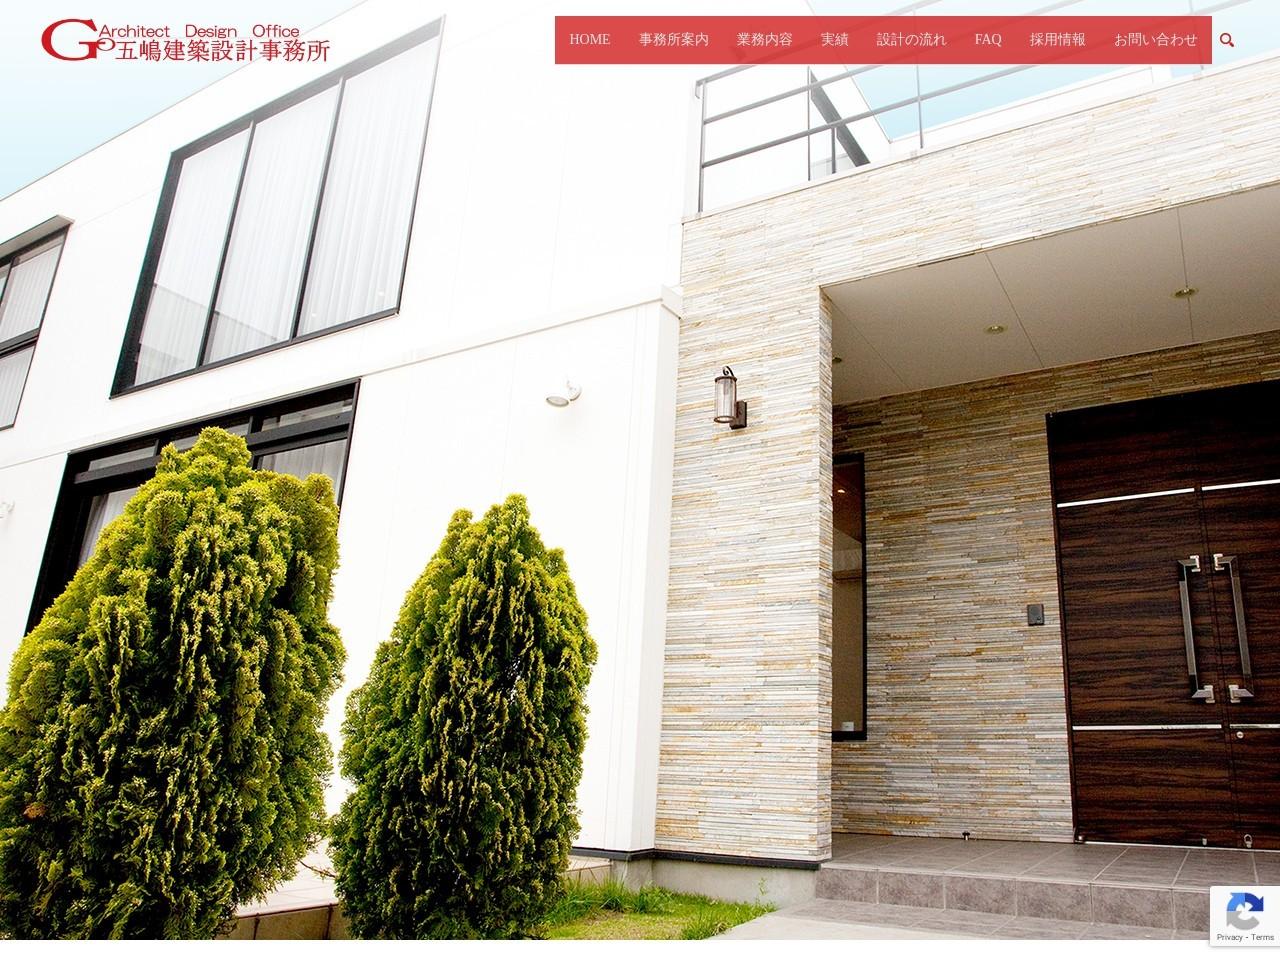 五嶋建築設計事務所